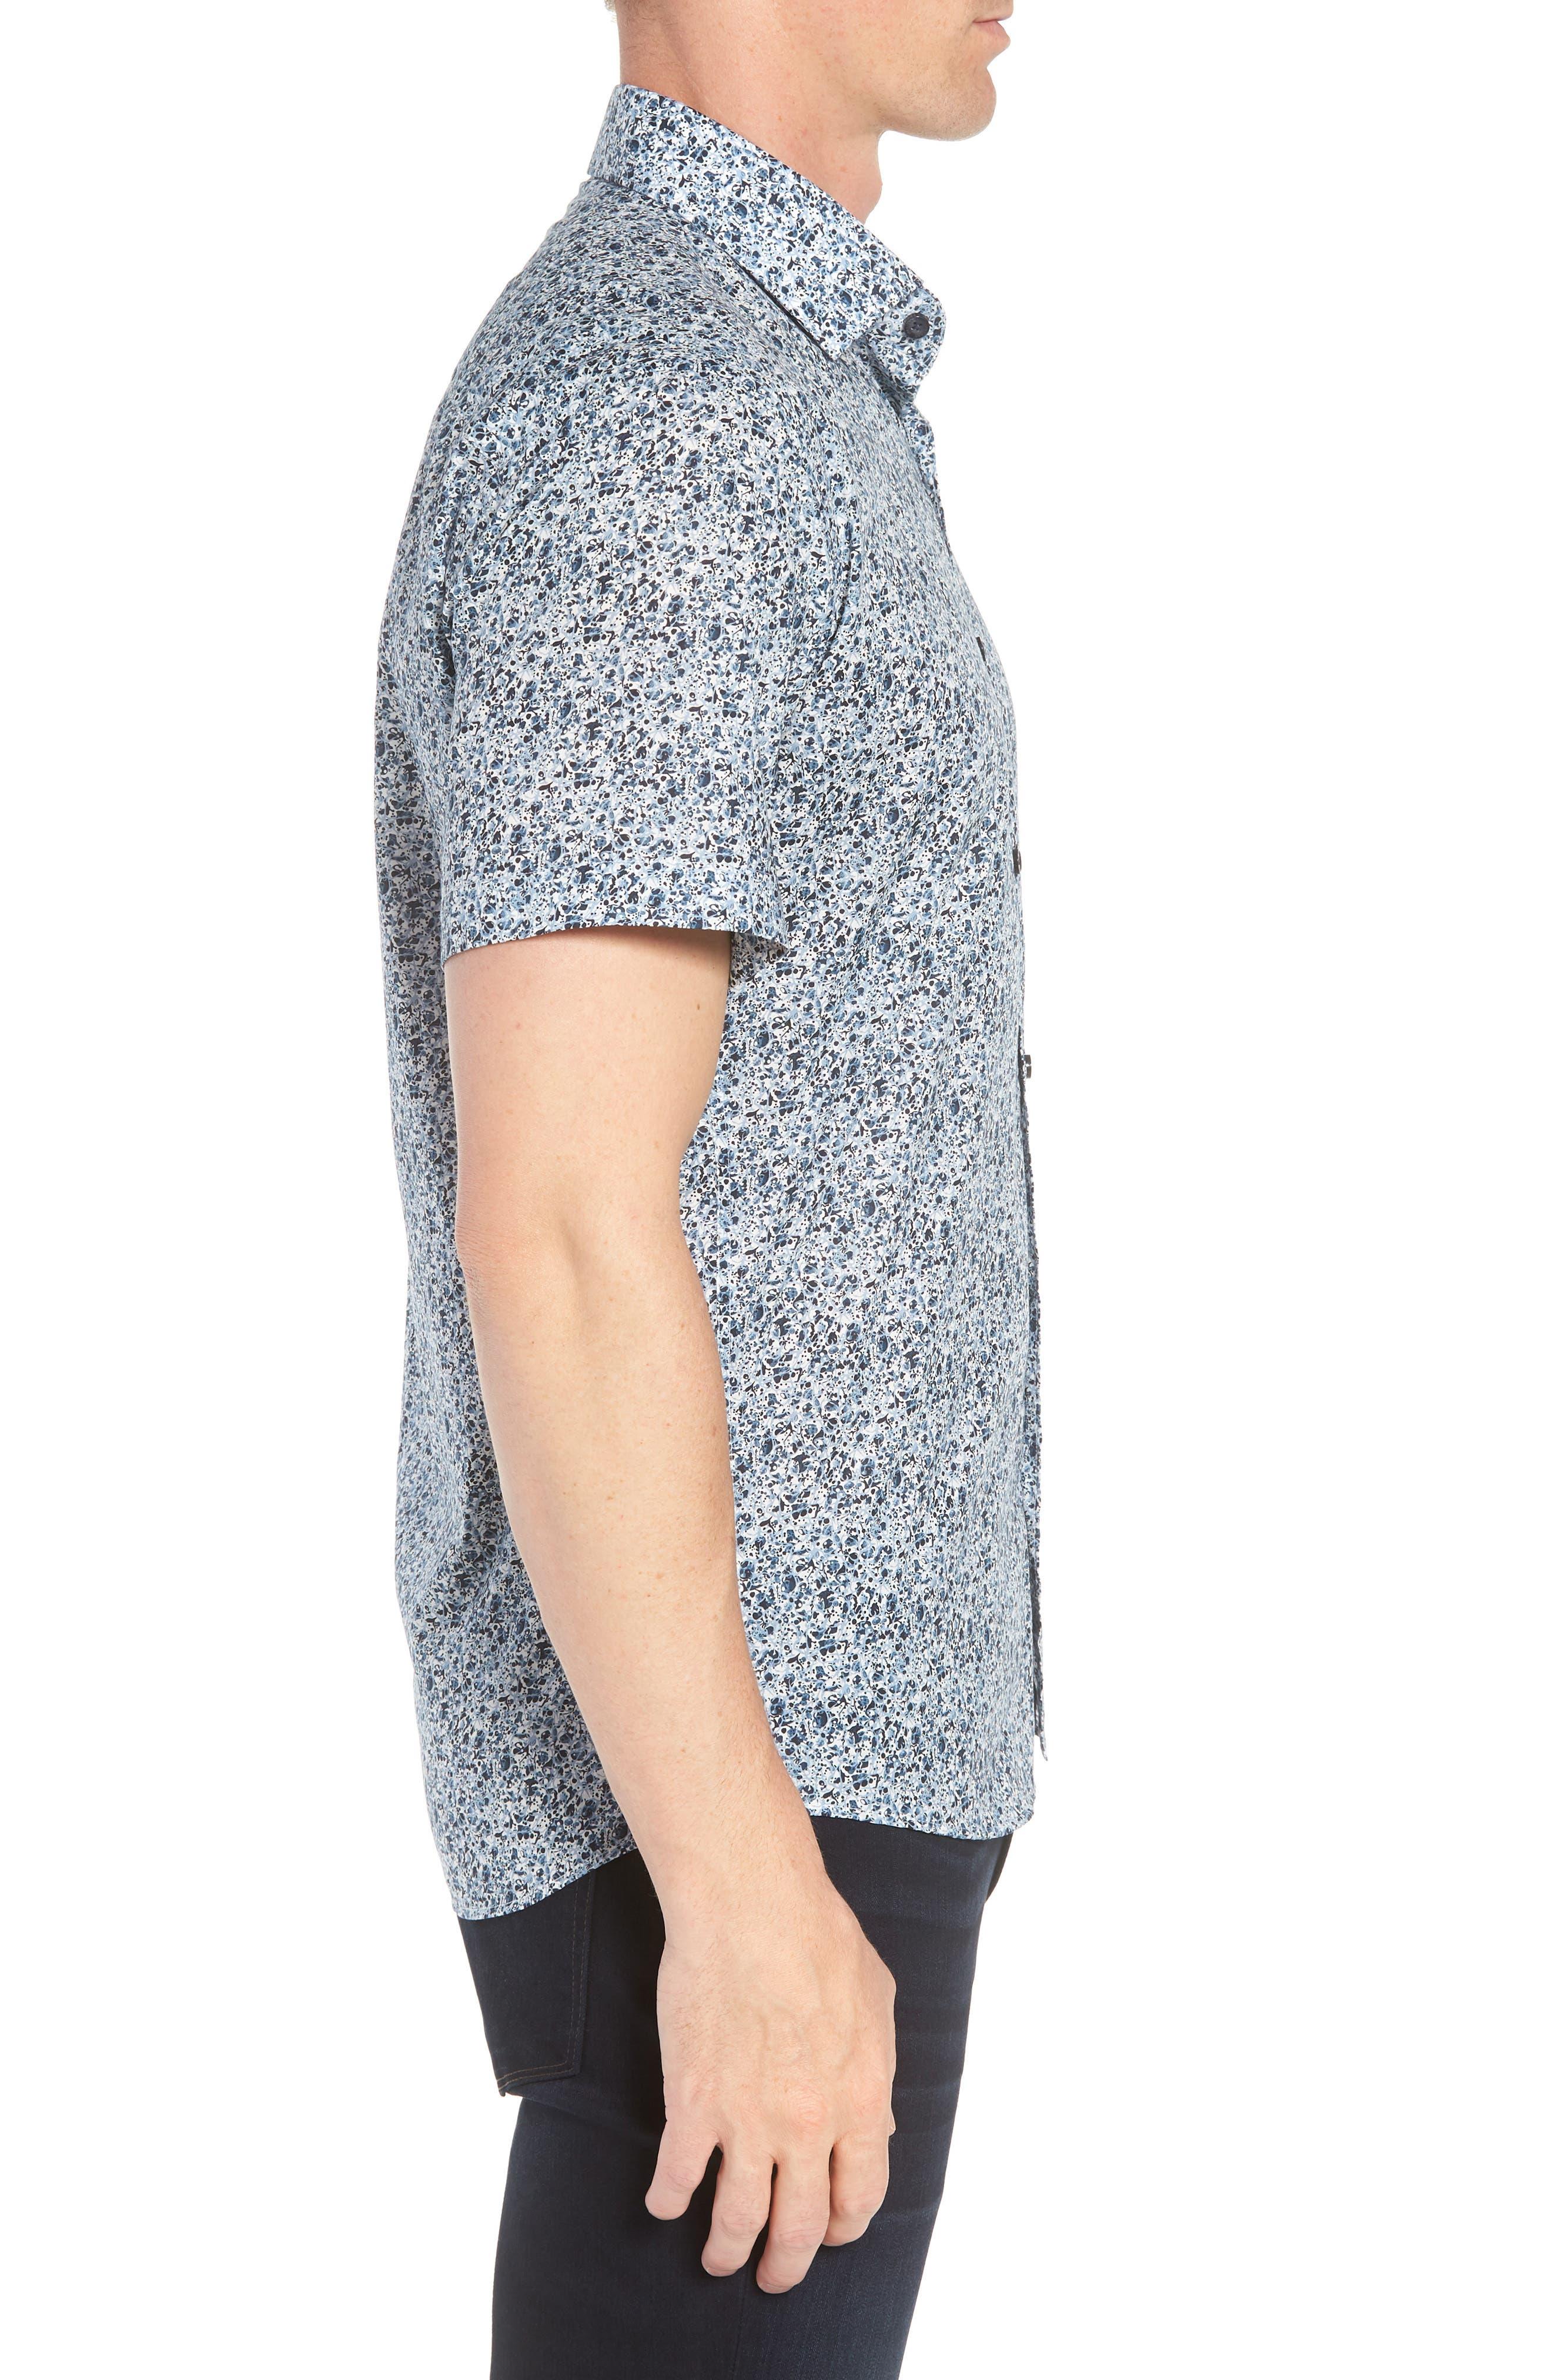 Speckle Print Sport Shirt,                             Alternate thumbnail 3, color,                             BLUE SPECKLE